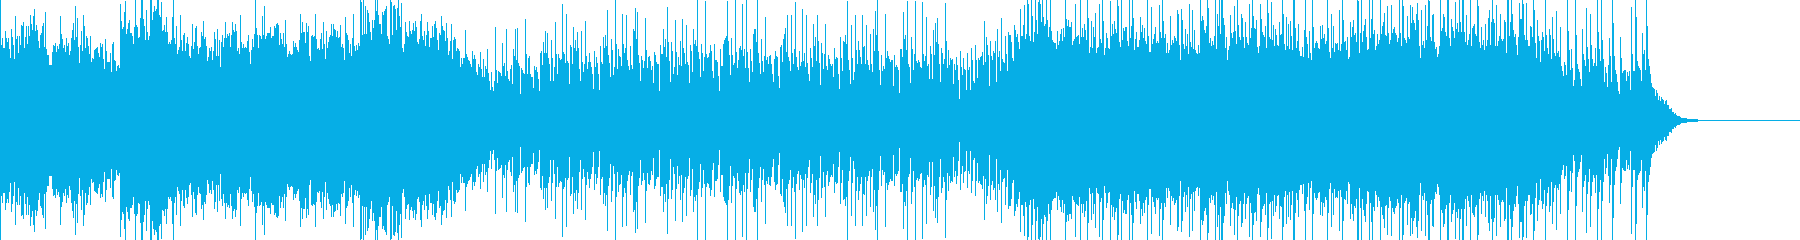 シンプルなアイドル系インストの再生済みの波形